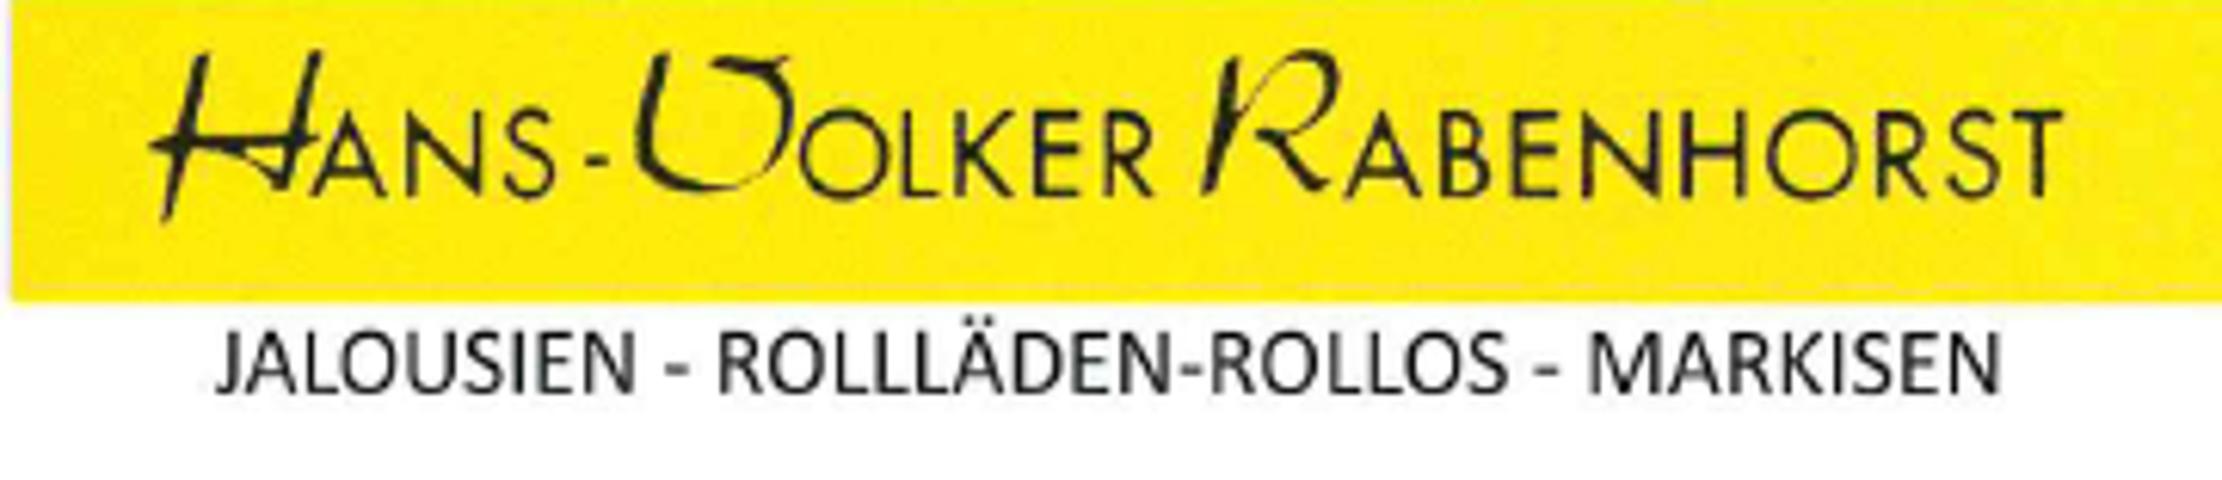 Hans-Volker Rabenhorst-Jalousien Inhaber: Viola Rabenhorst-Zichner